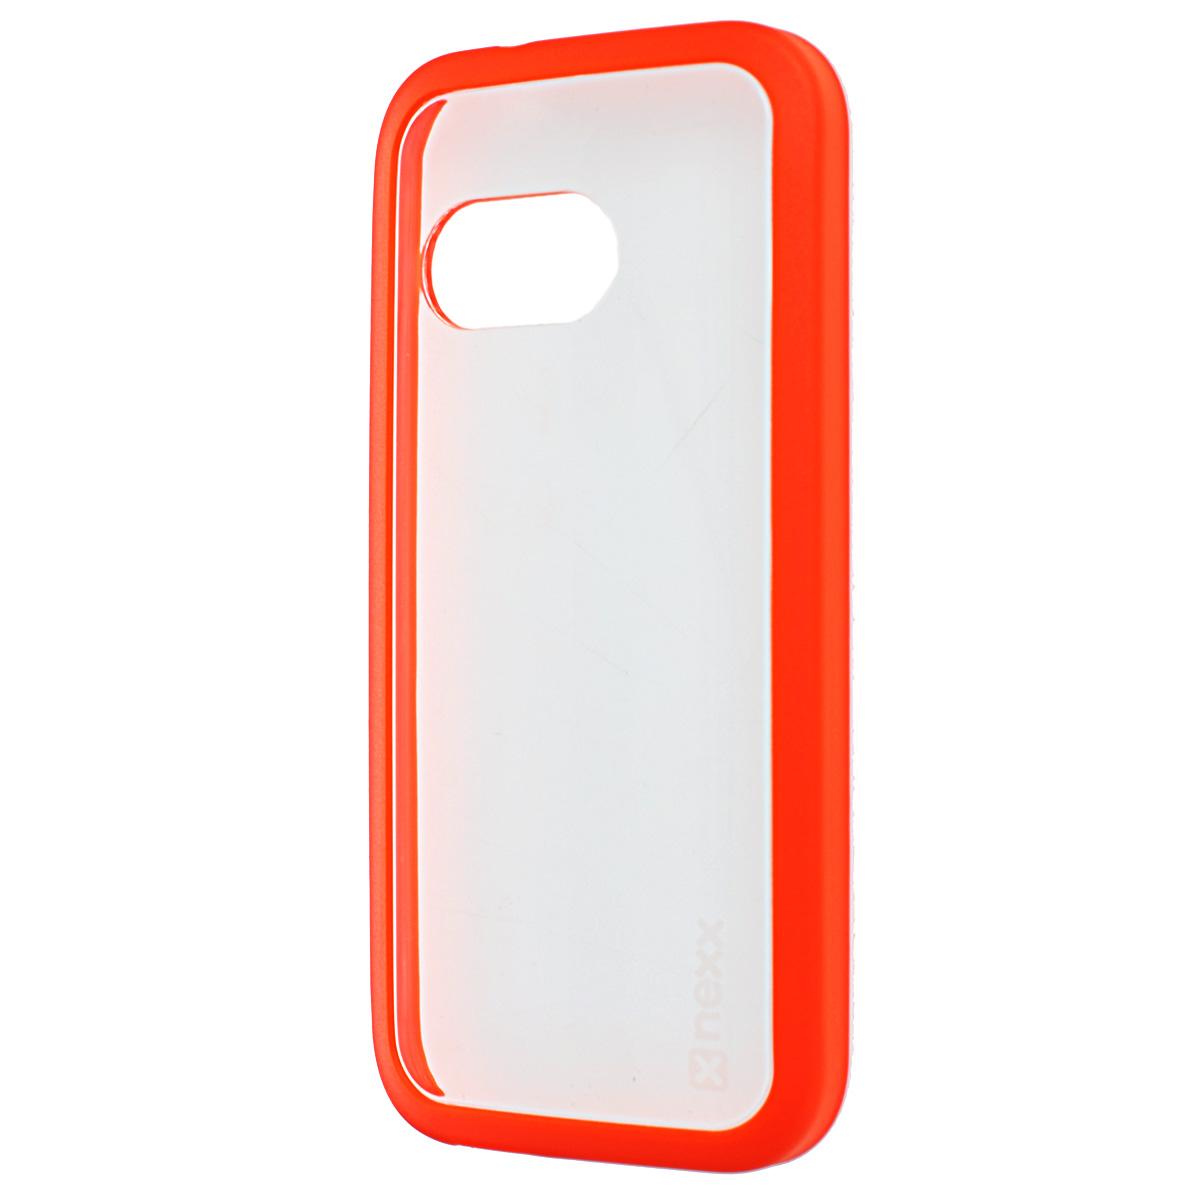 Nexx Zero чехол для HTC M8 mini, OrangeNX-MB-ZR-504-ORТонкий прозрачный чехол Nexx Zero для HTC One M8 mini 2. Дизайн разработан специально для тех, кто стремится сохранить индивидуальность своего смартфона и обеспечить ему достойную защиту. Тонкий, почти невесомый чехол станет неотъемлемой частью вашего телефона, а насыщенные цвета сделают ваш образ по-летнему ярким.